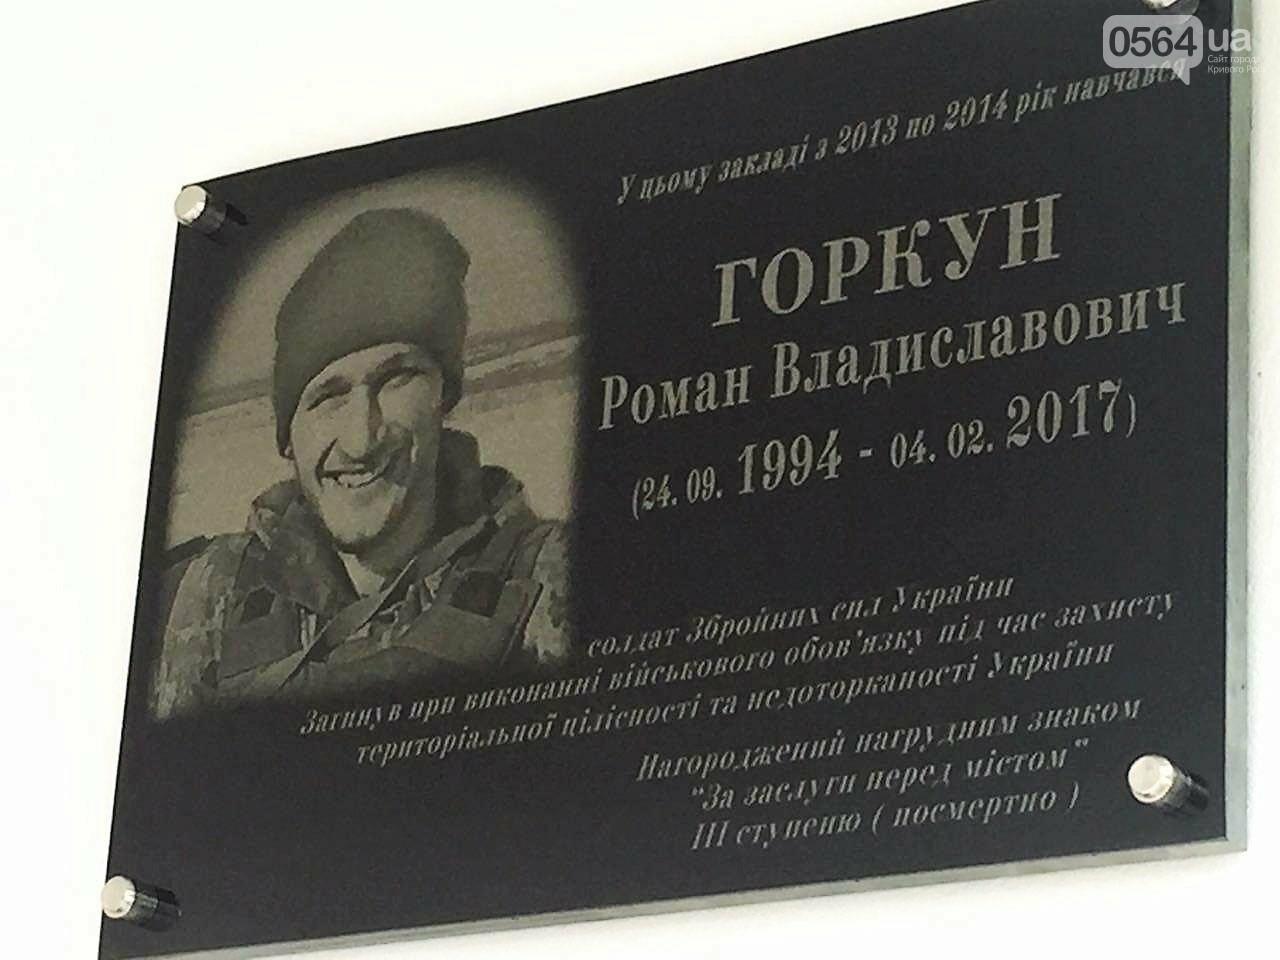 В Кривом Роге память о бойце АТО - Смайлике увековечили в мраморе (ФОТО) , фото-1